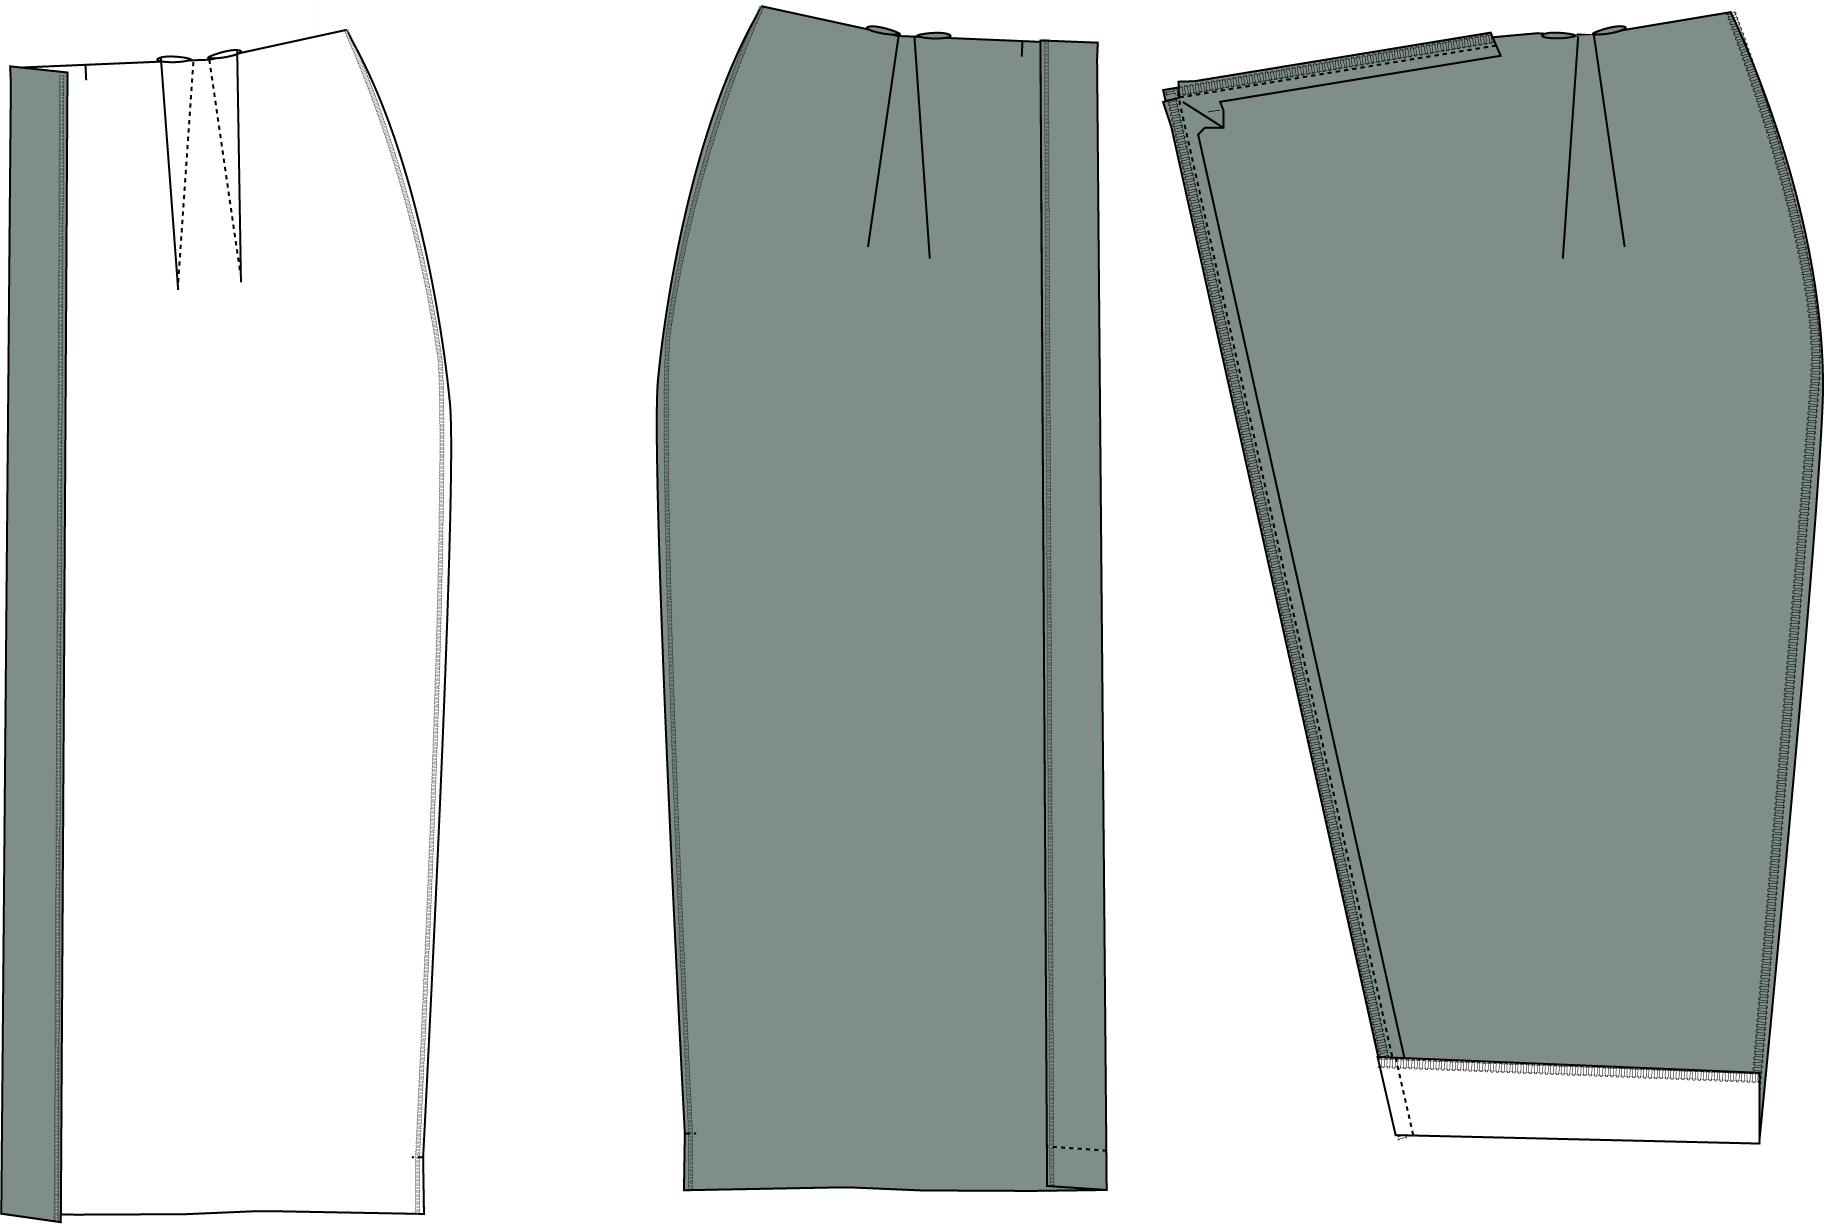 v2-37.png